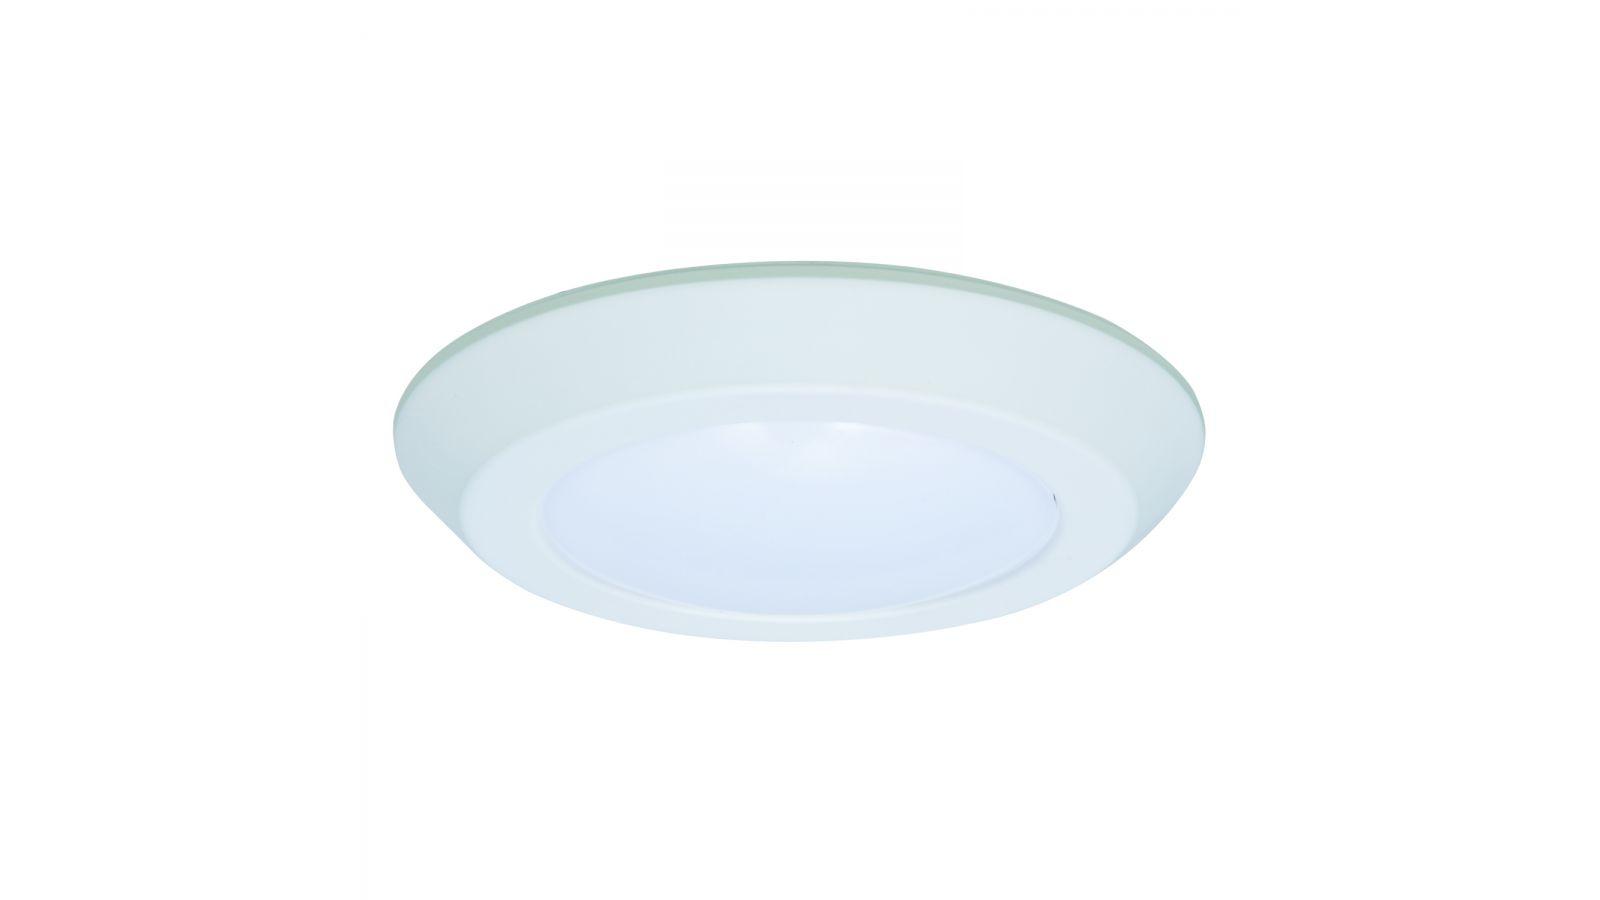 HALO BLD Backlit LED Surface Mount Downlight